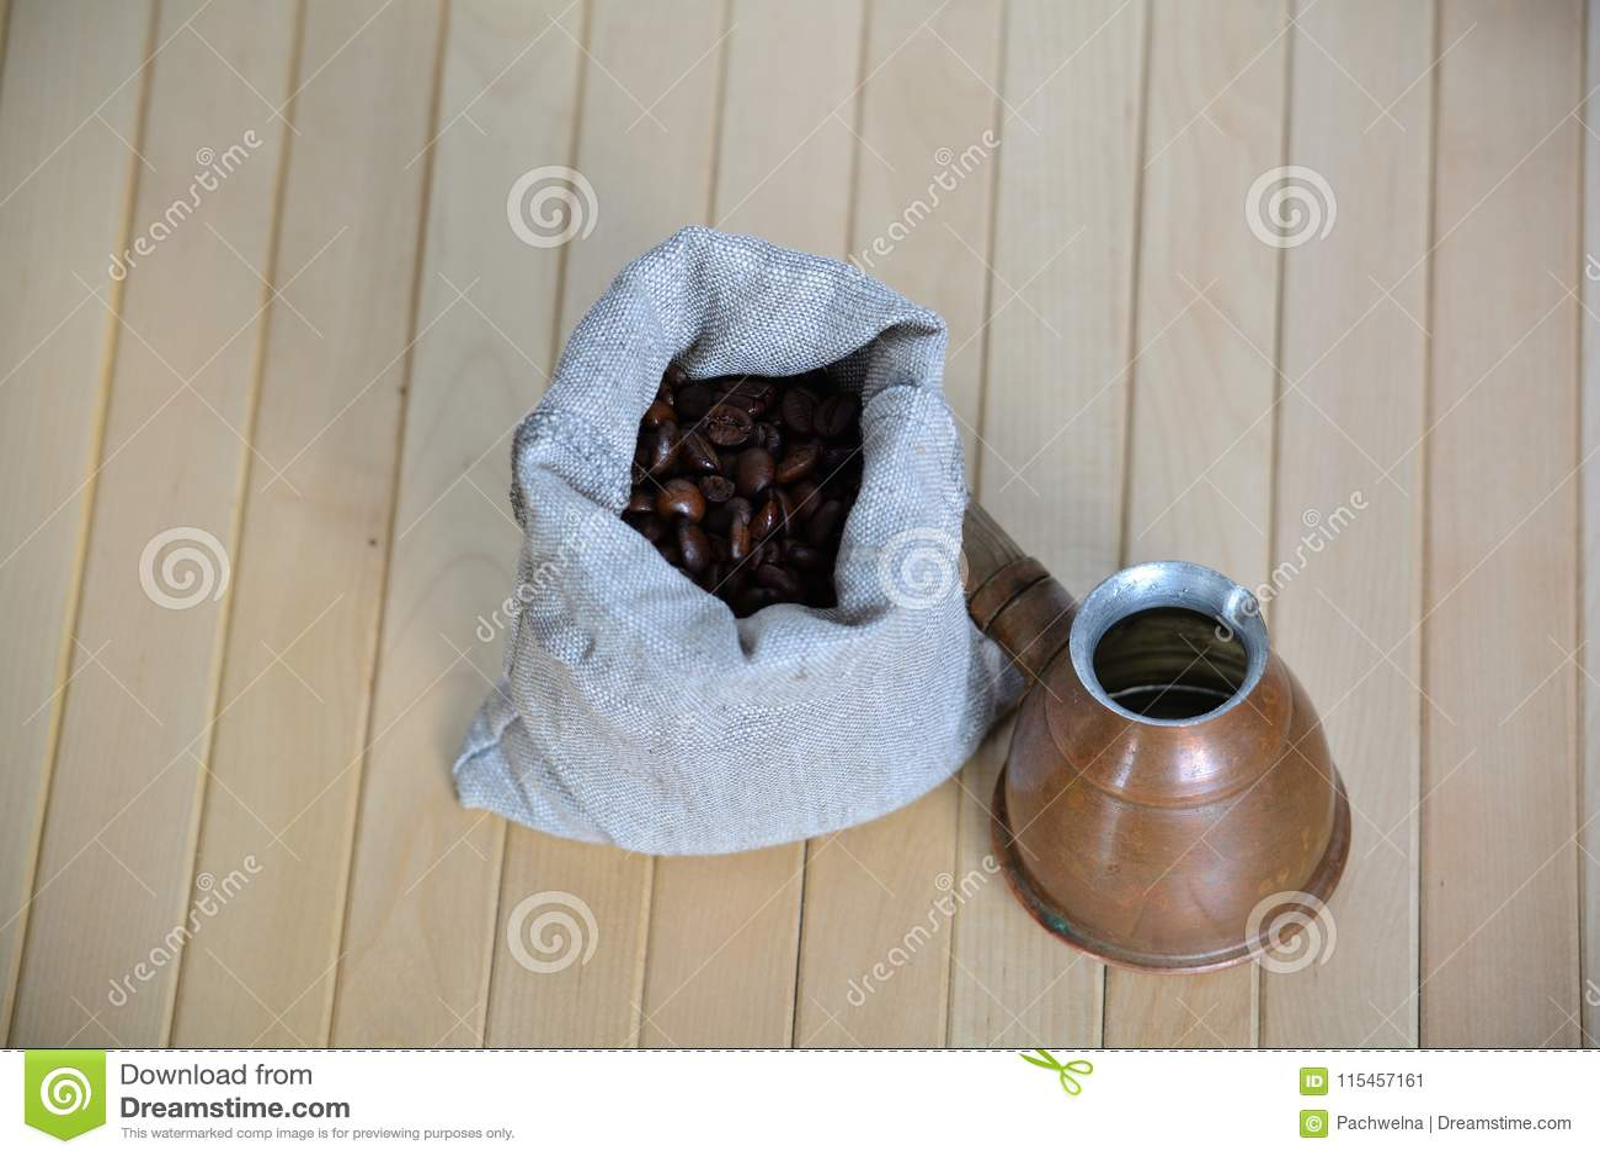 Σακούλα των φασολιών καφέ με ένα τουρκικό δοχείο παρασκευής